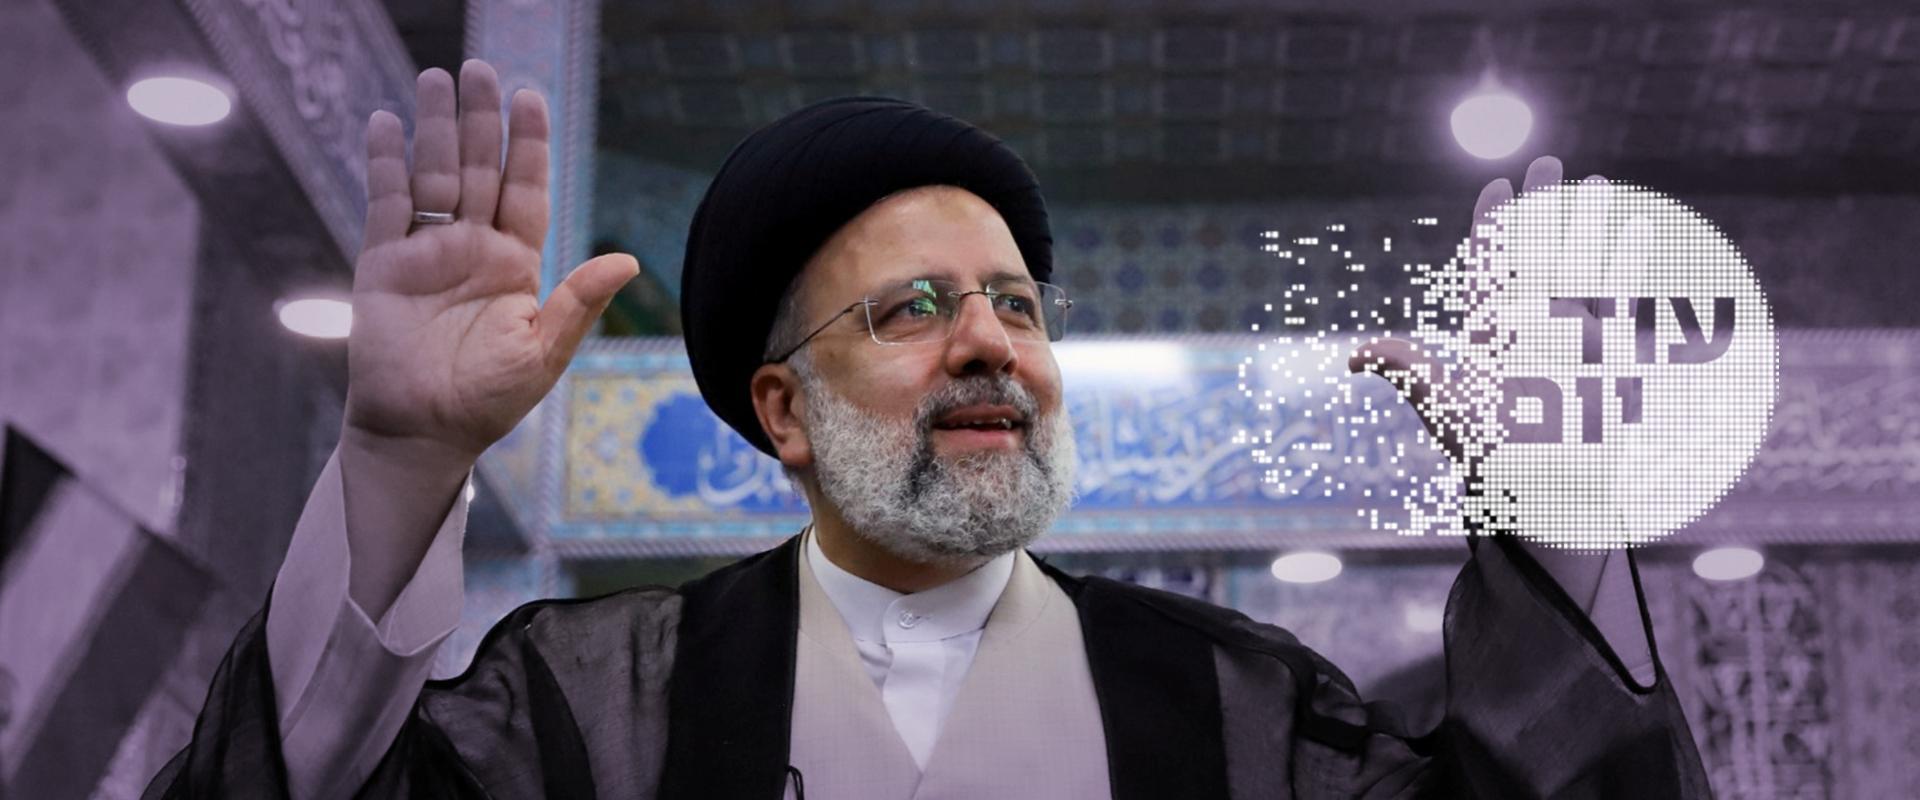 בחירות באיראן